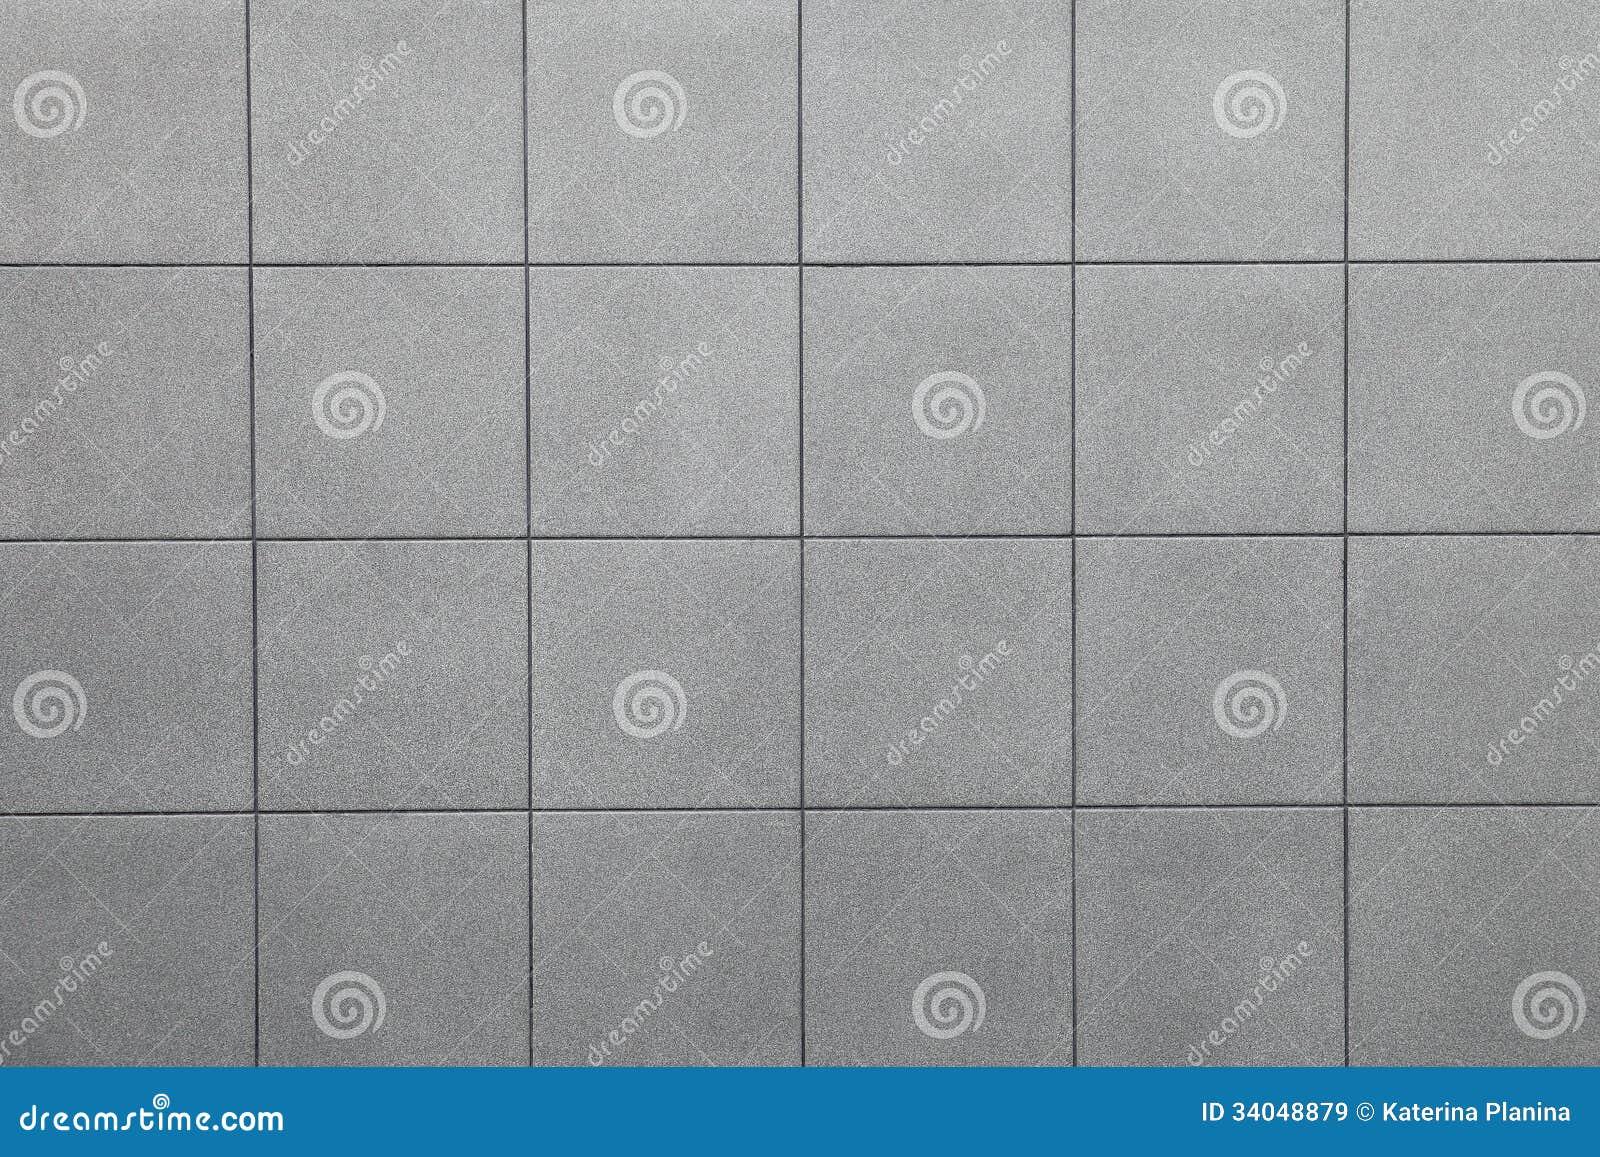 Download Wand Deckt Hintergrund Mit Ziegeln. Stockbild   Bild Von Außen,  Panel: 34048879